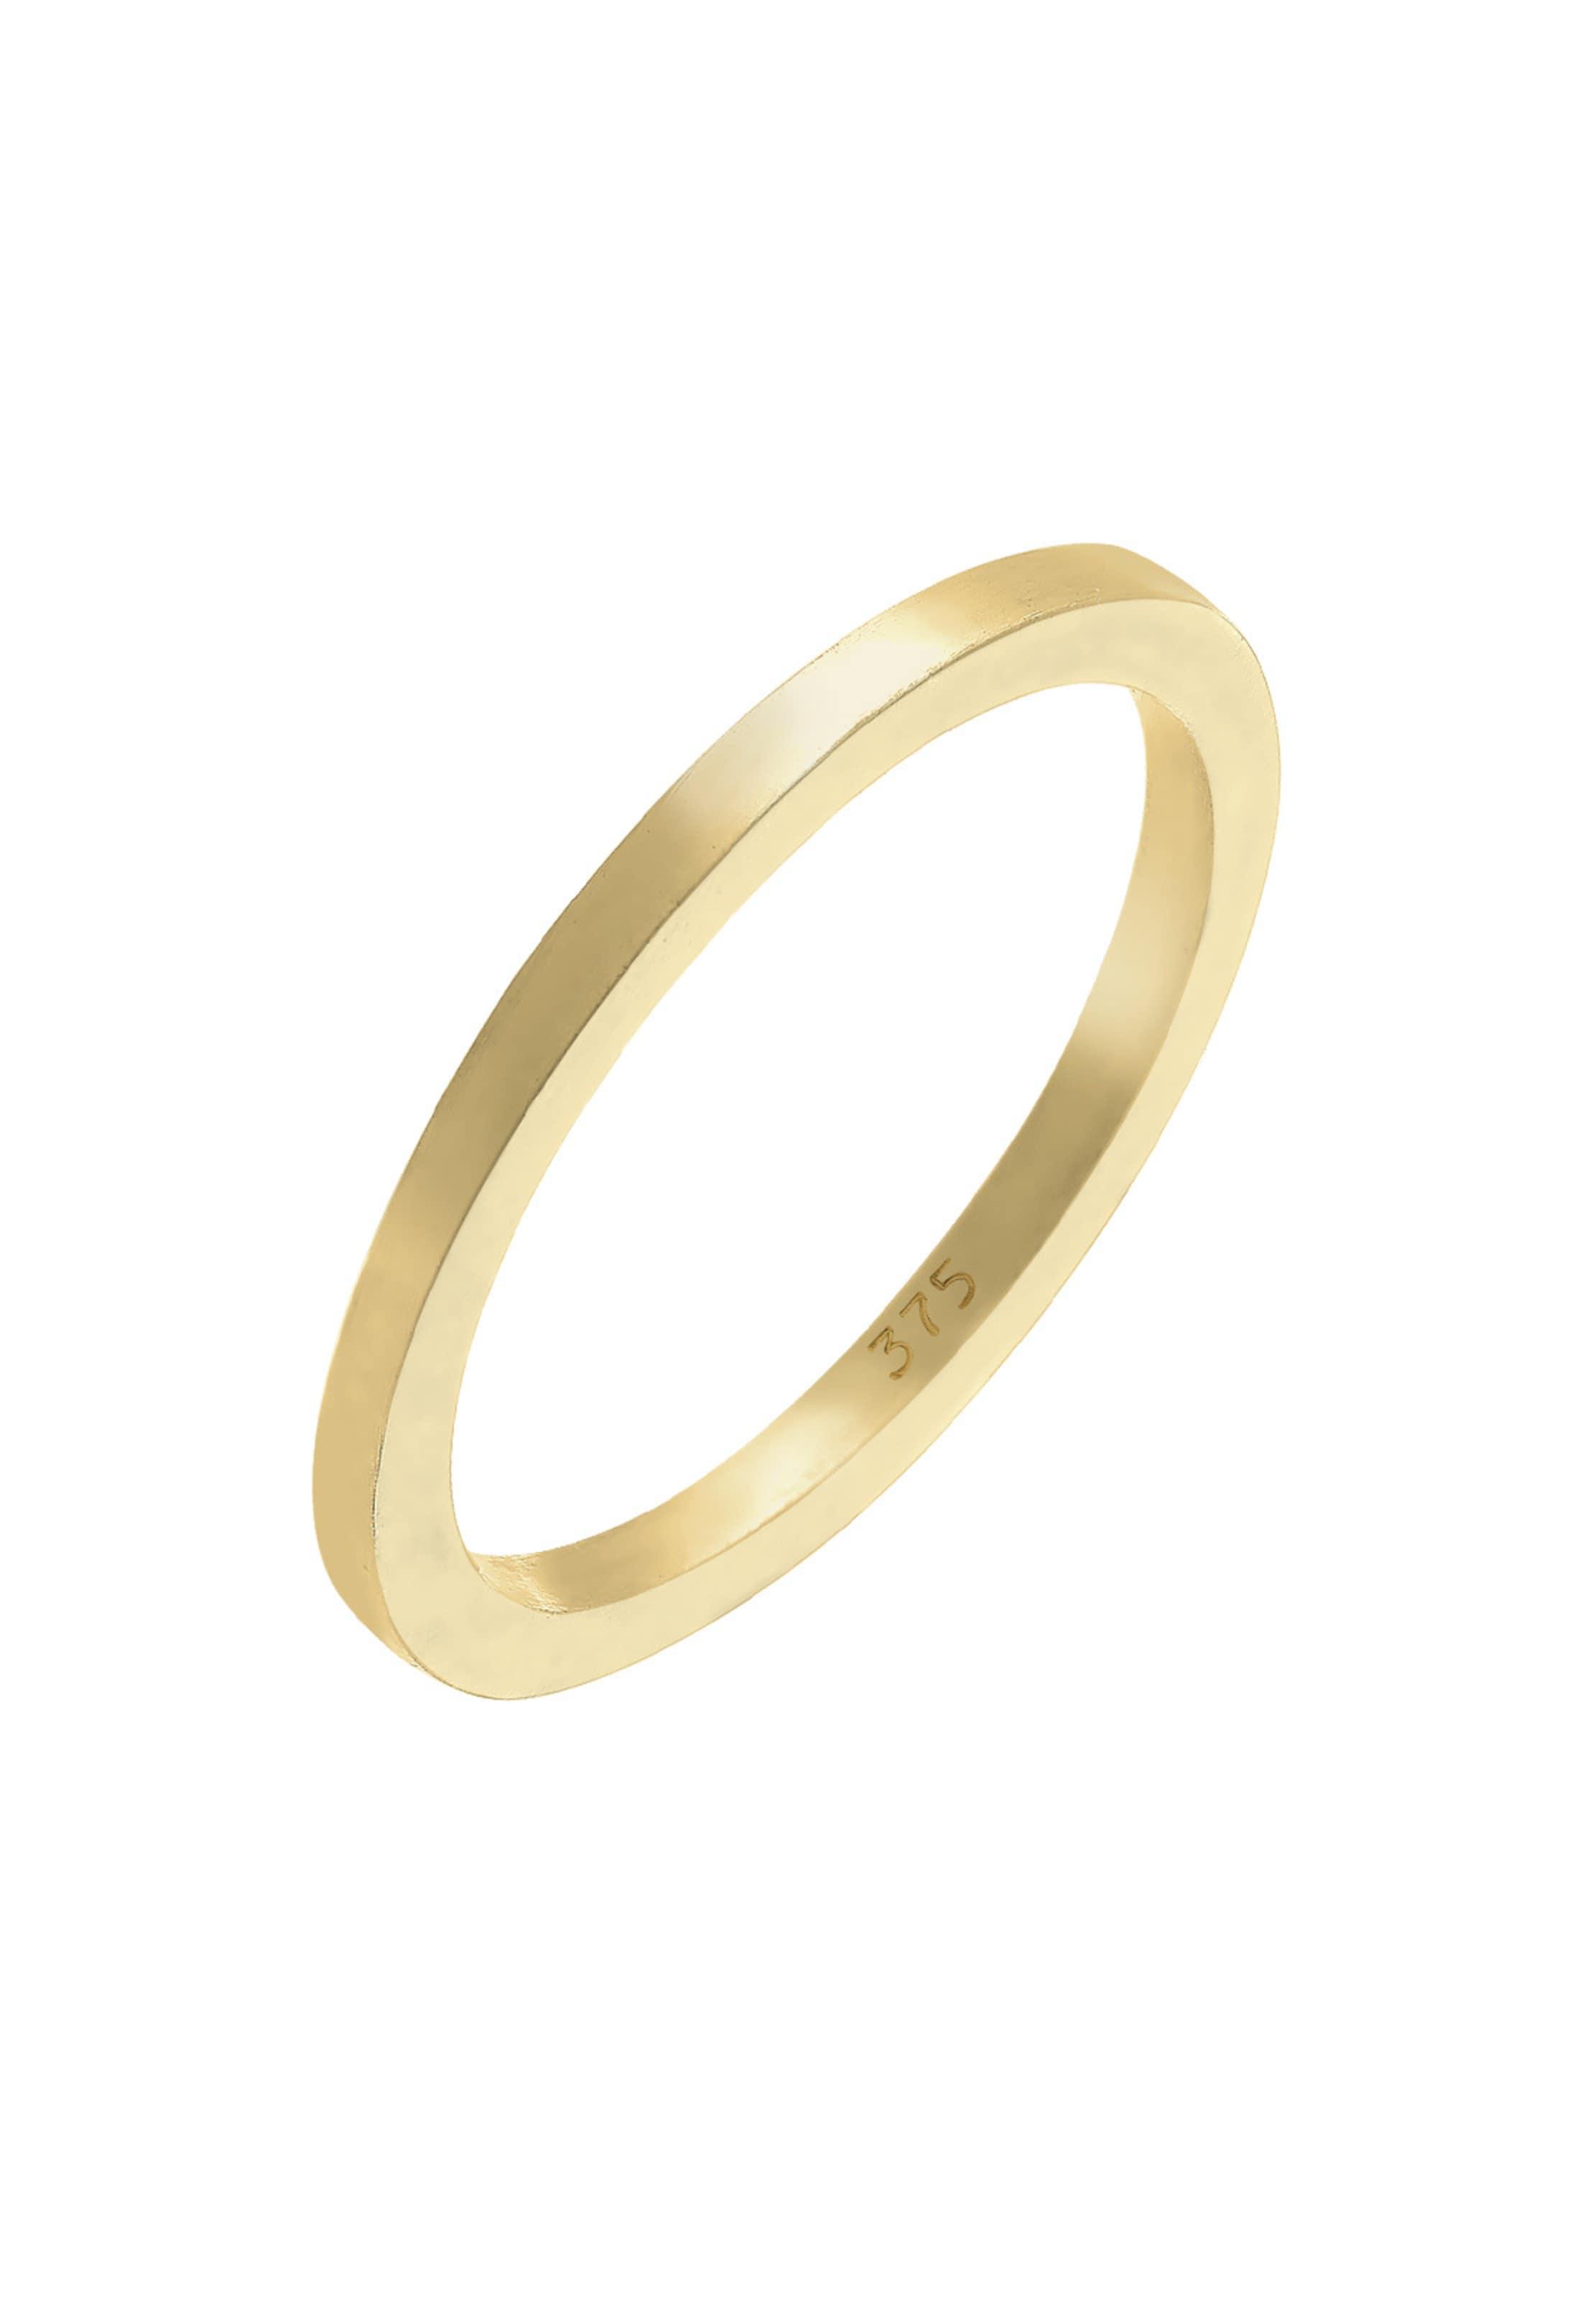 Gold Gold Premium Premium Elli Ring Elli Ring In In ZPkXOiu